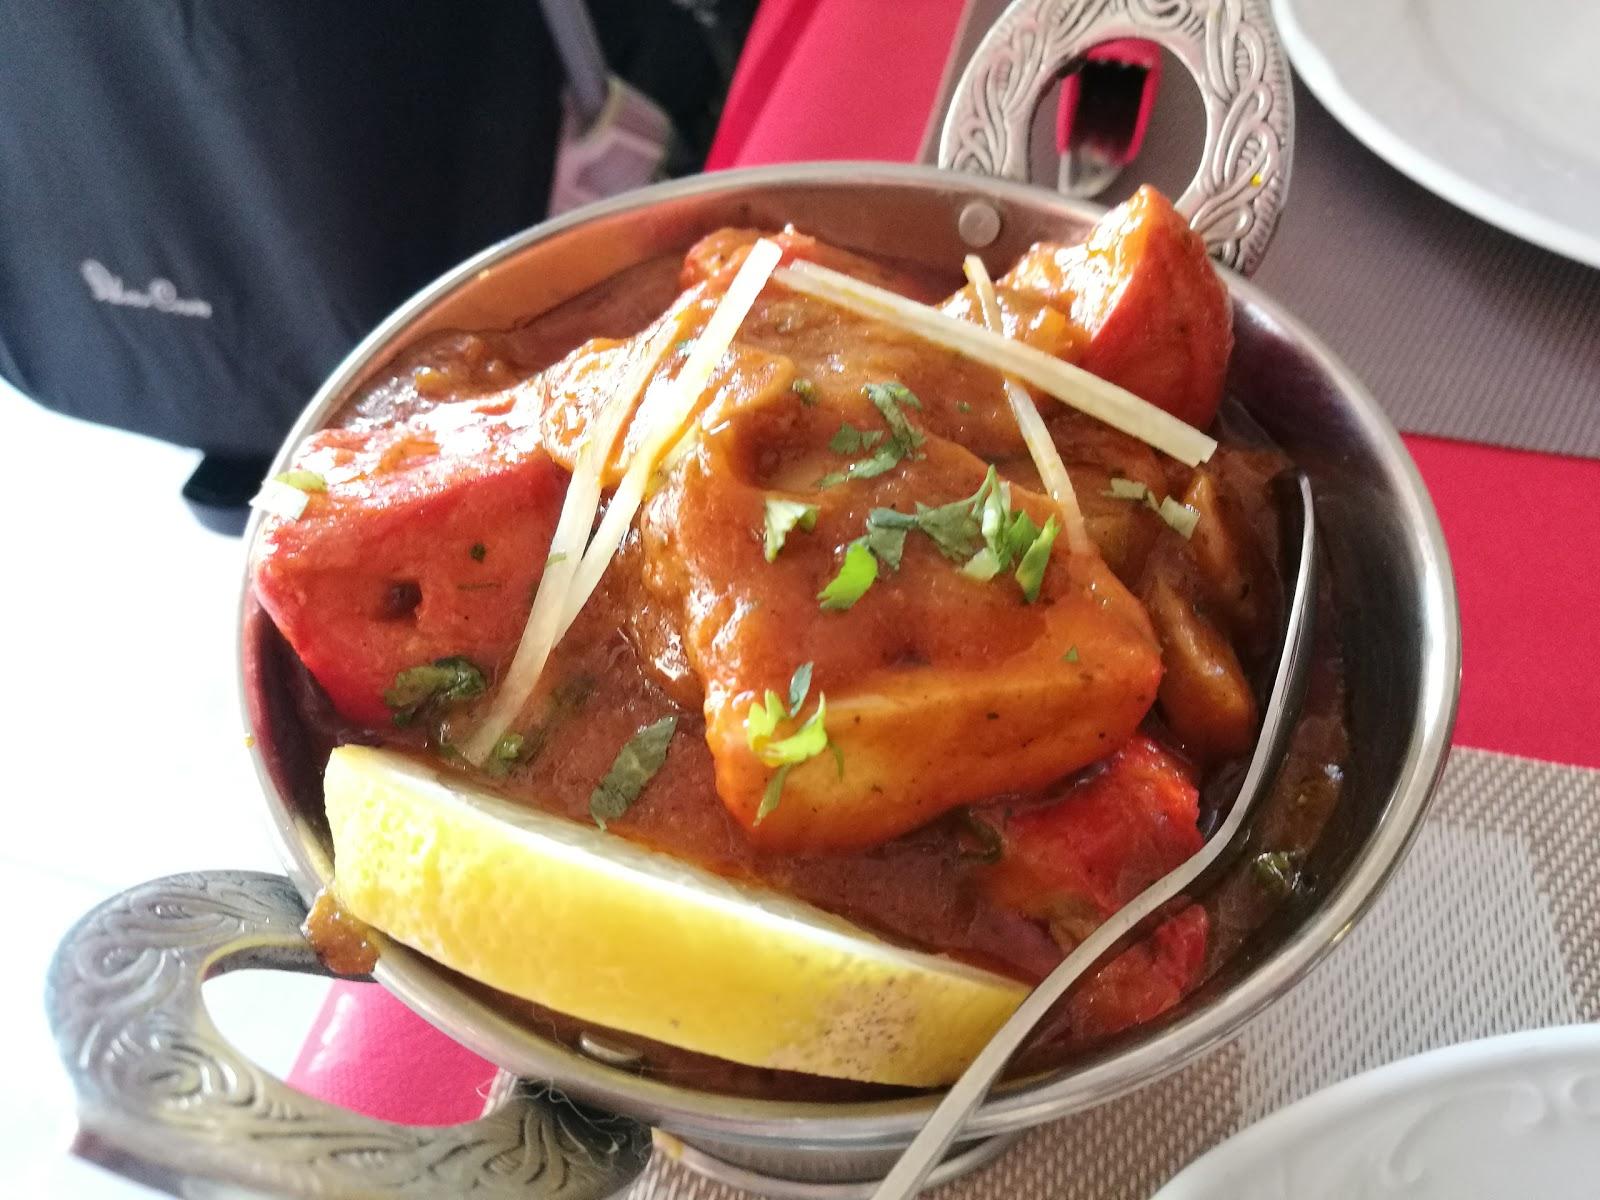 Taj Mahal Indian Tandoori Restaurant